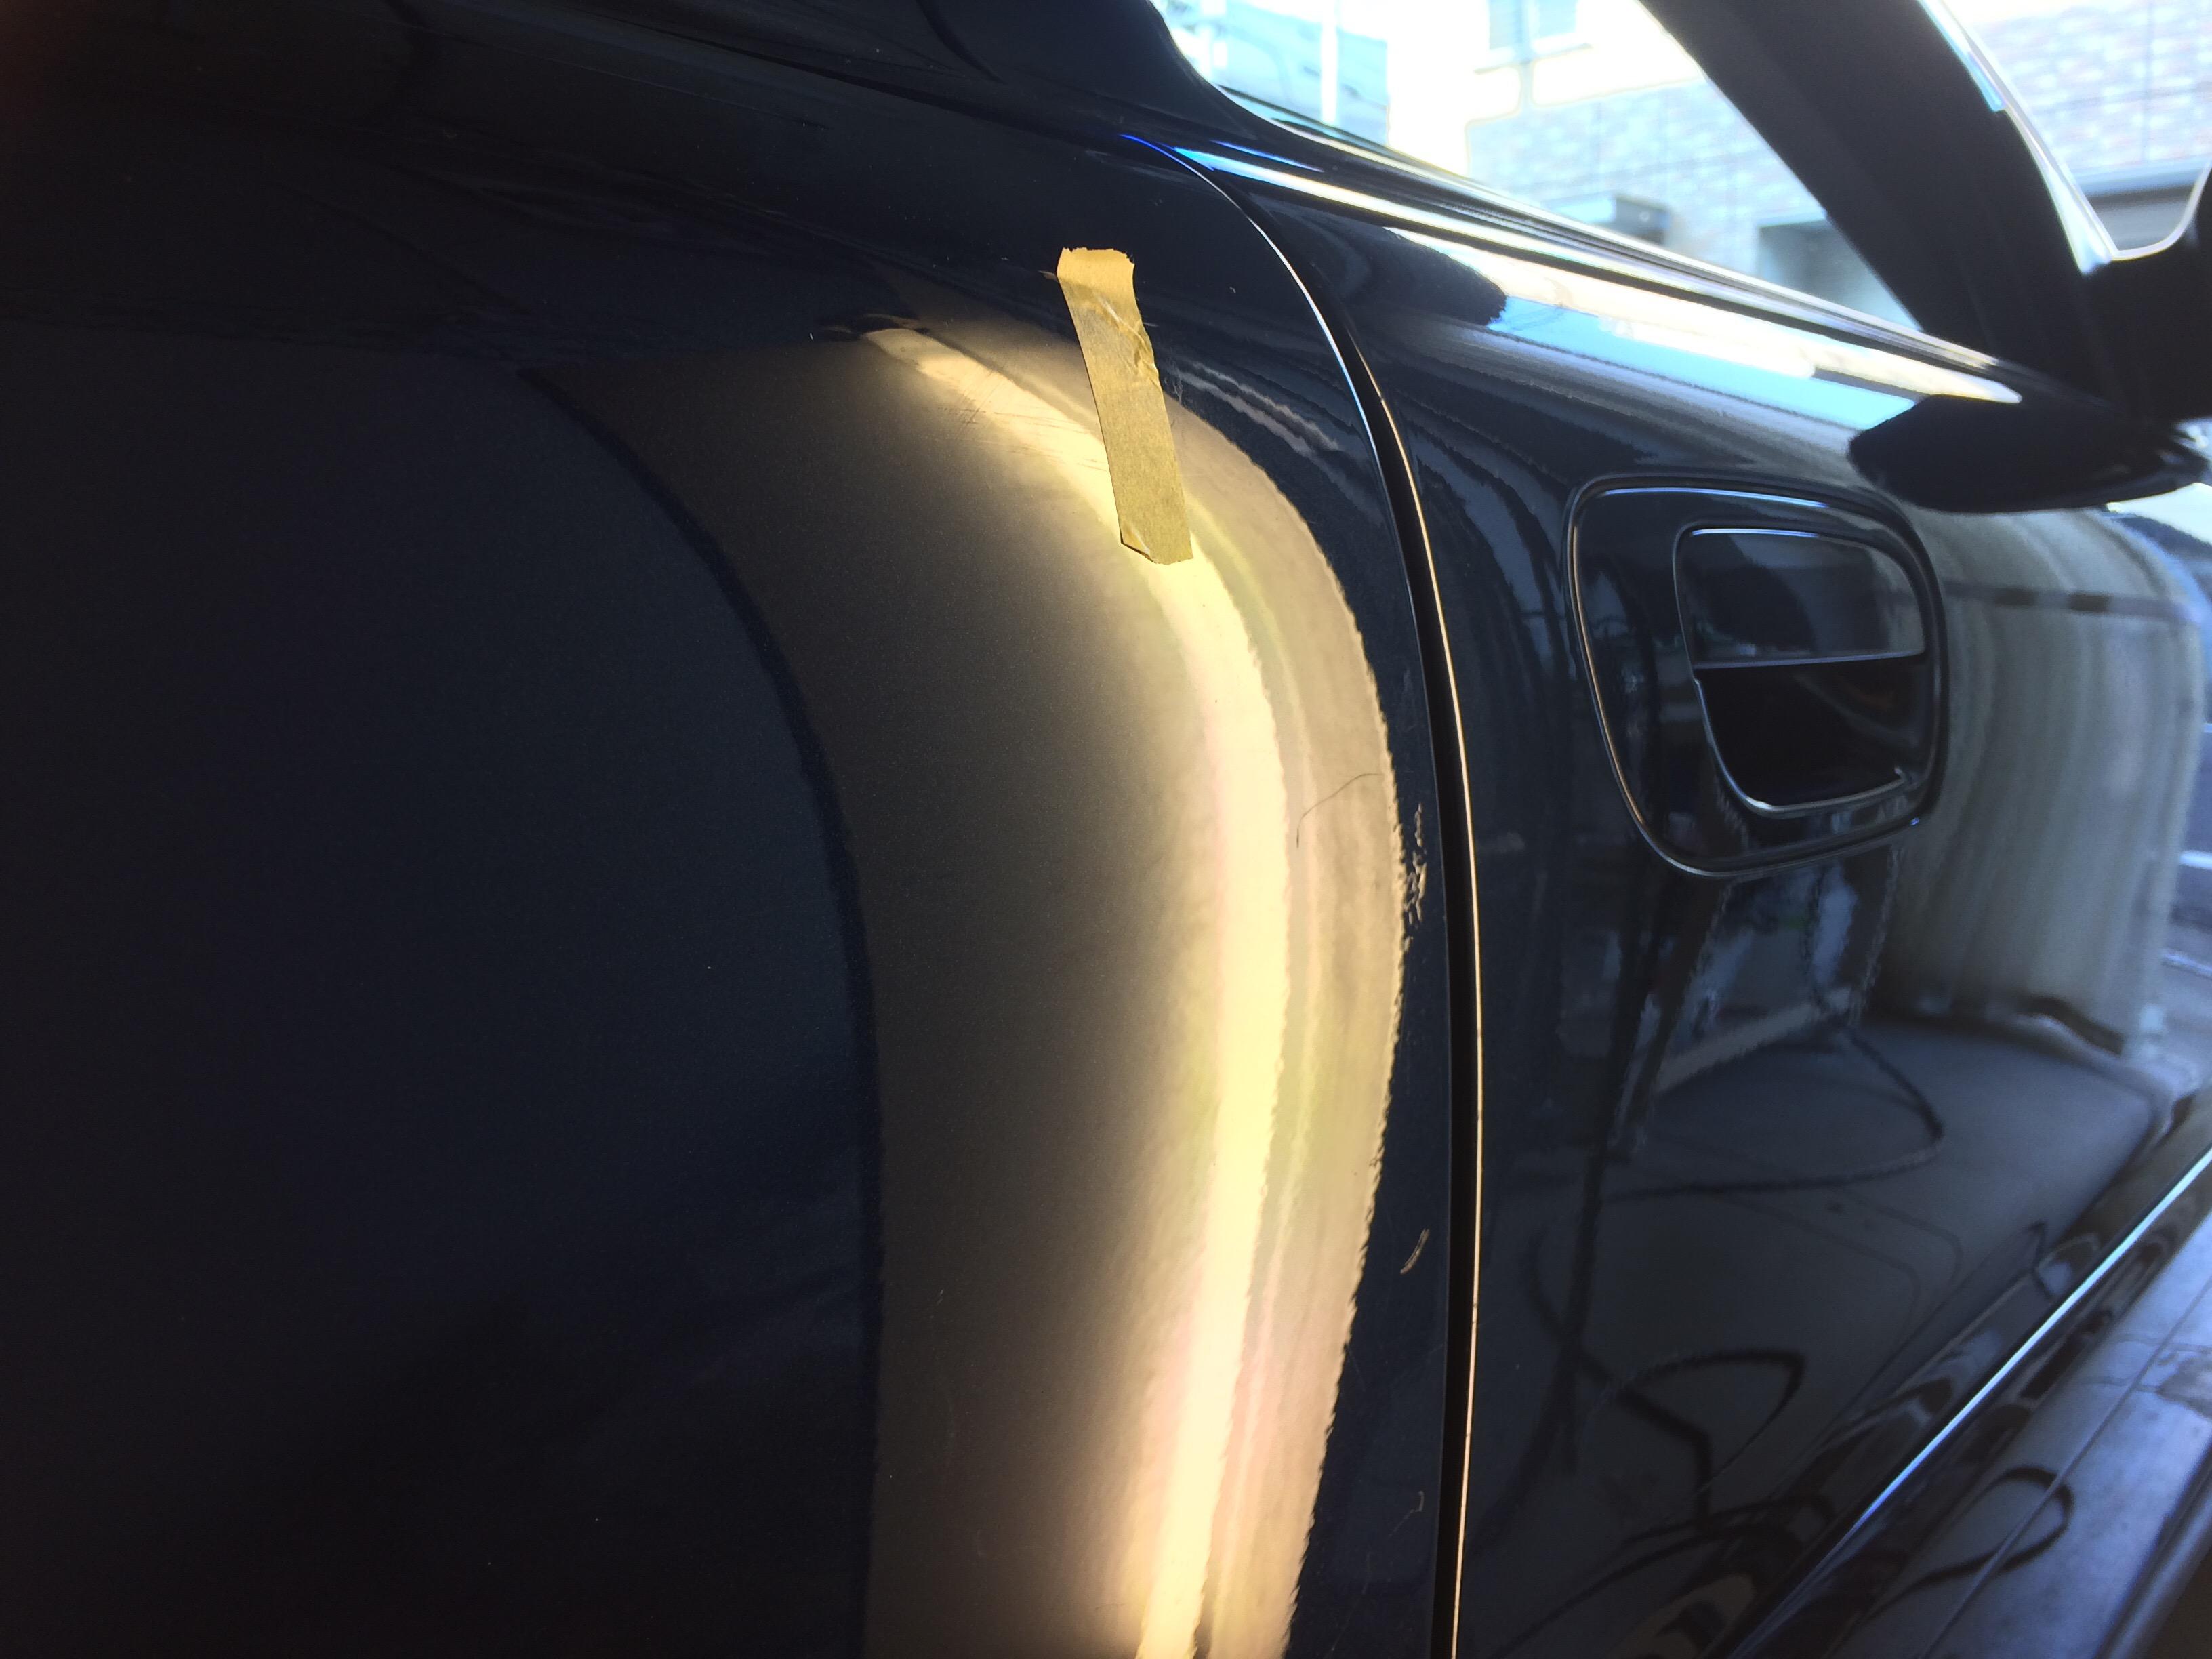 ボルボV70 リヤドアの凹み修理